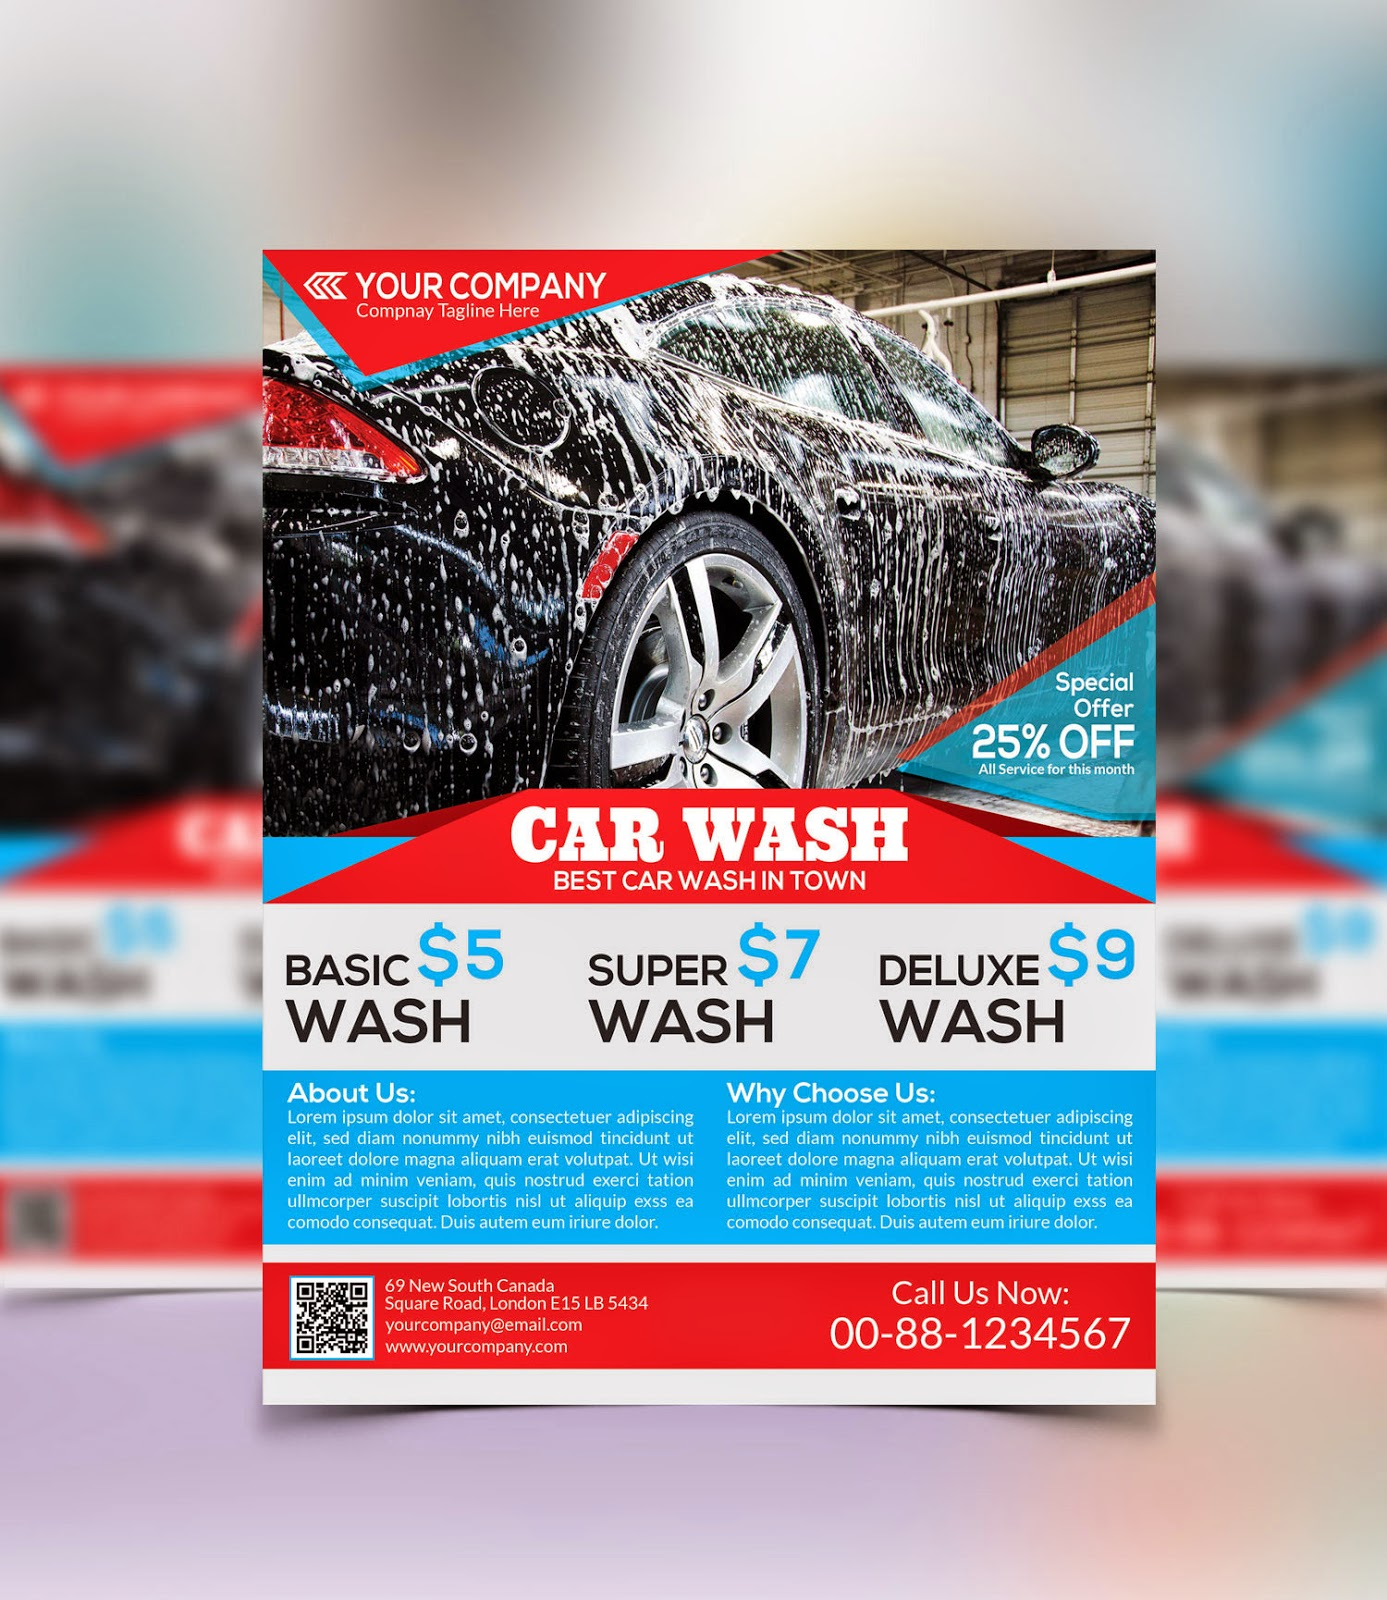 garage sale marketing ideas - Graphicwind Car Wash Flyer